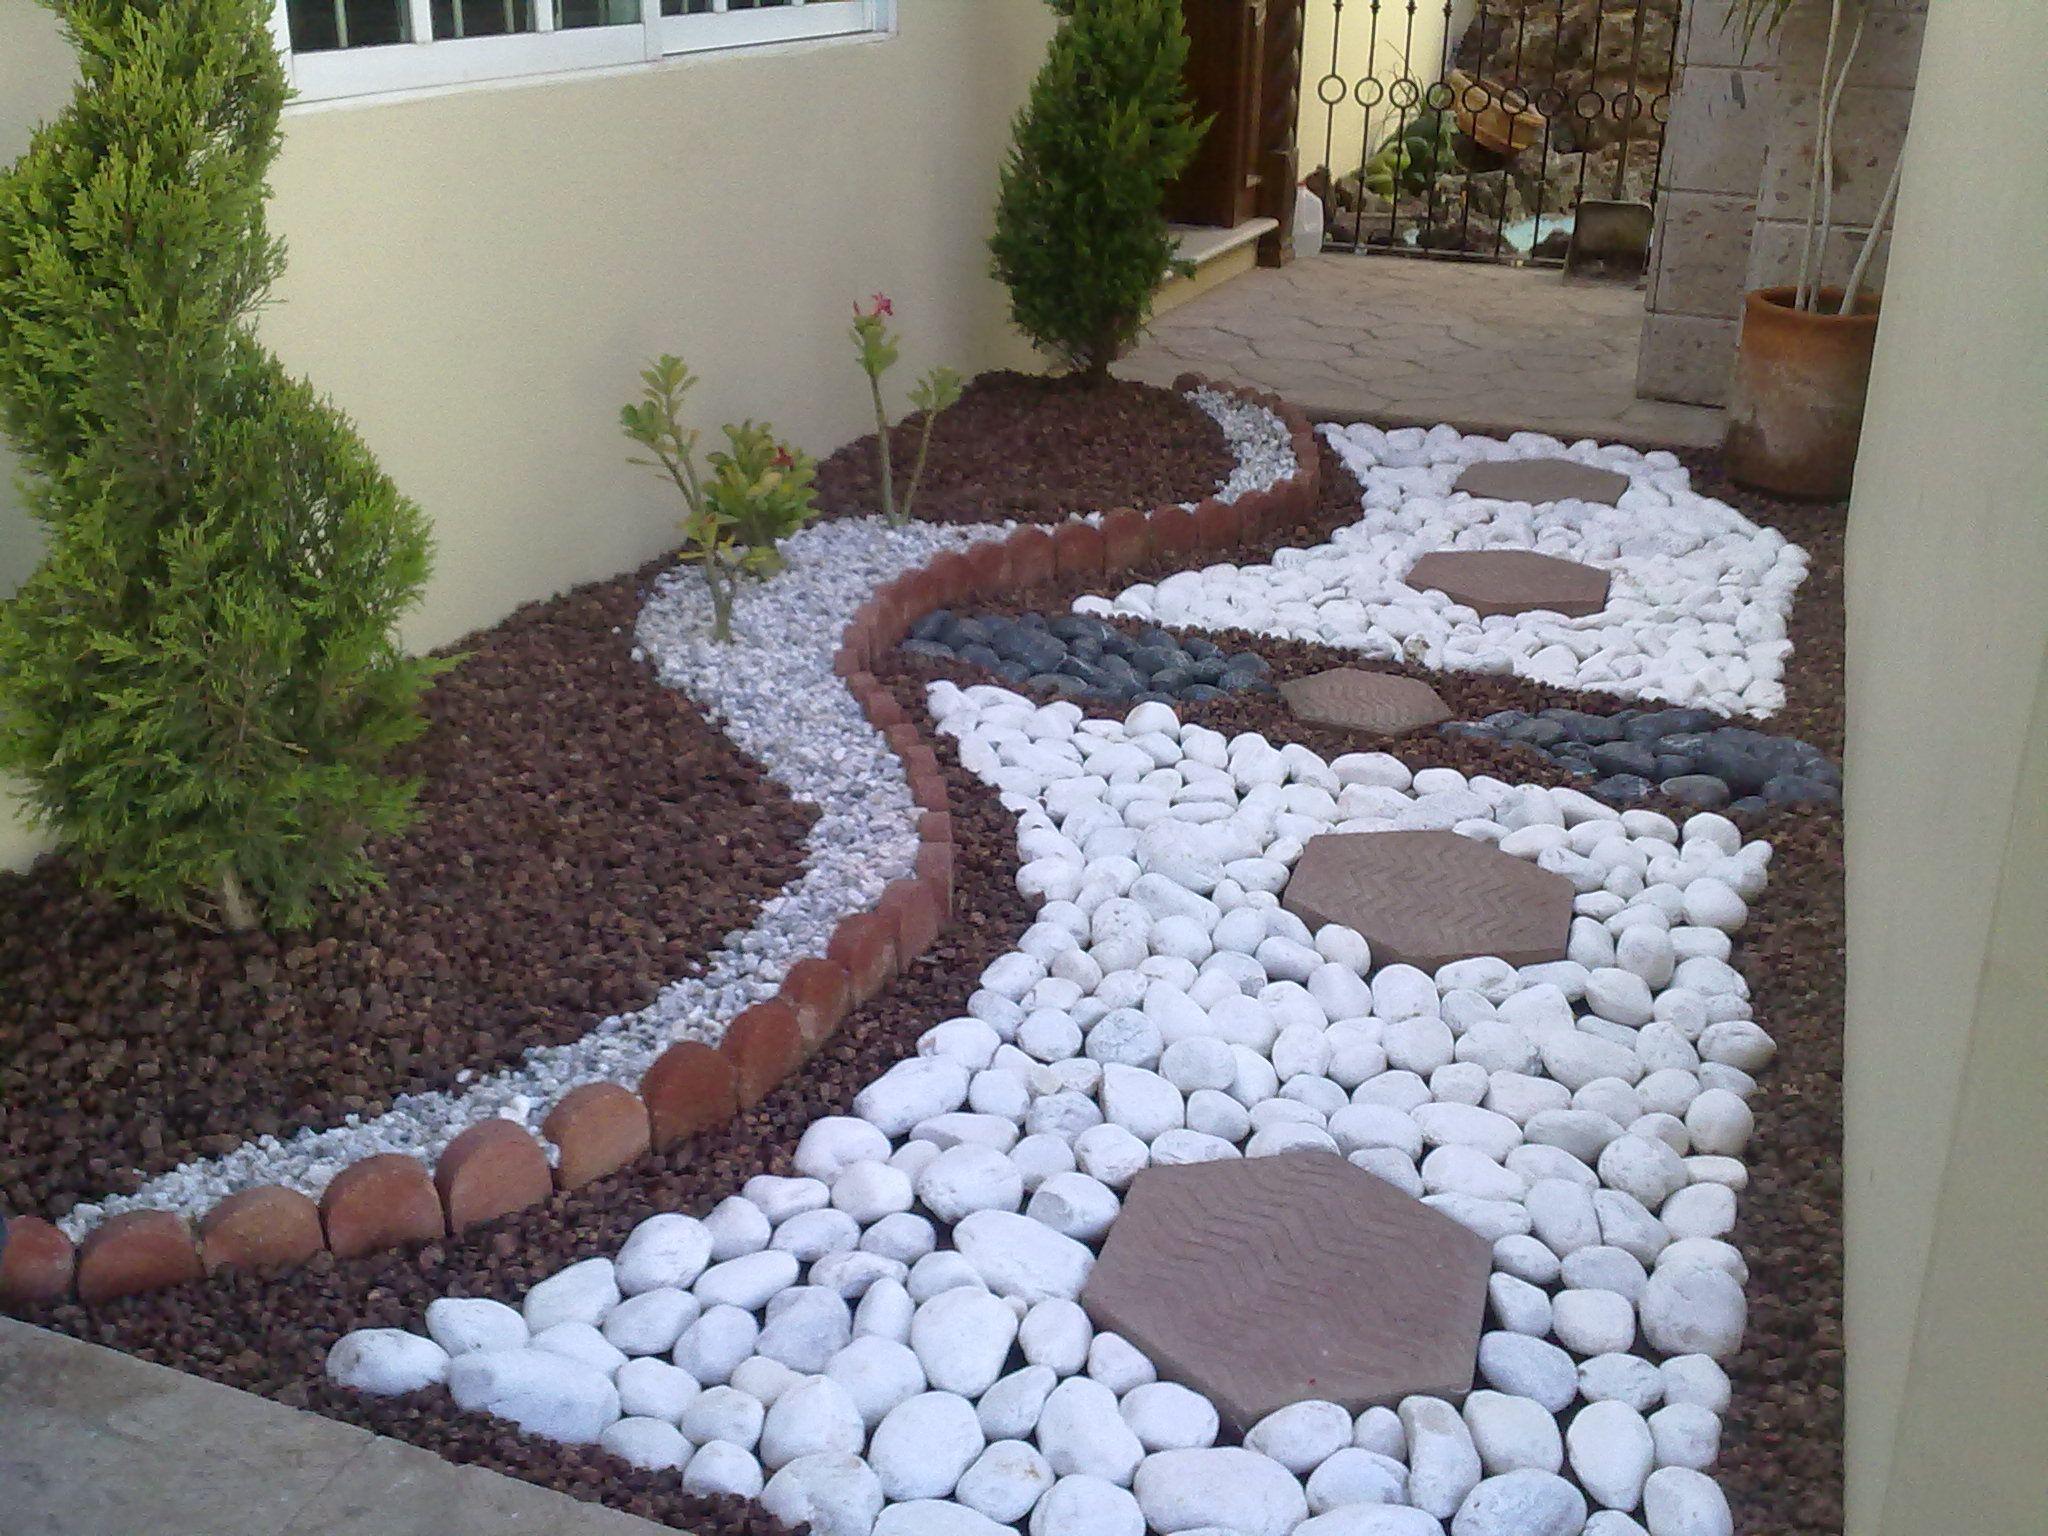 Fotos de dimant dise o y mantenimiento de jardines for Mantenimiento de jardines